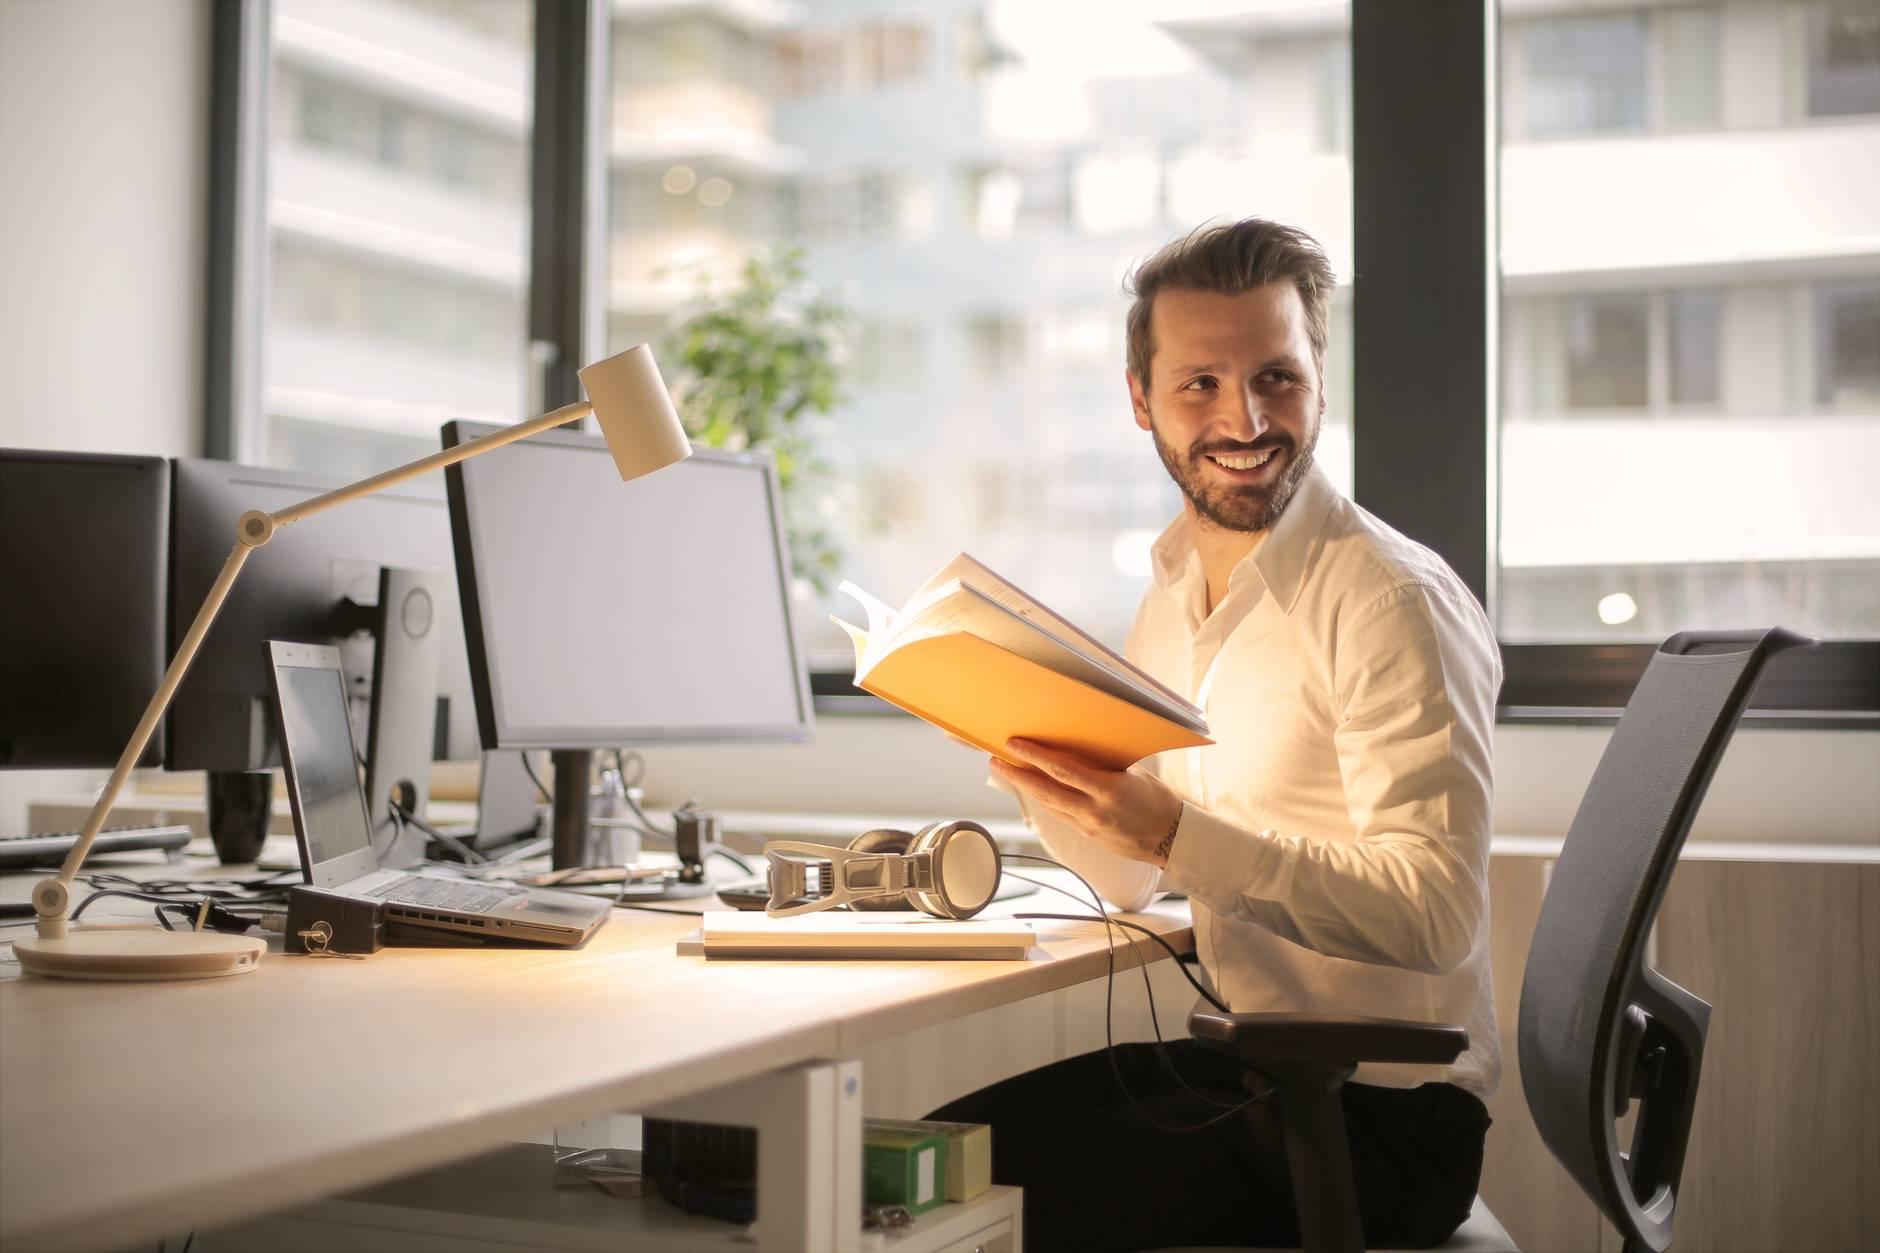 man at work, stress free, work life balance